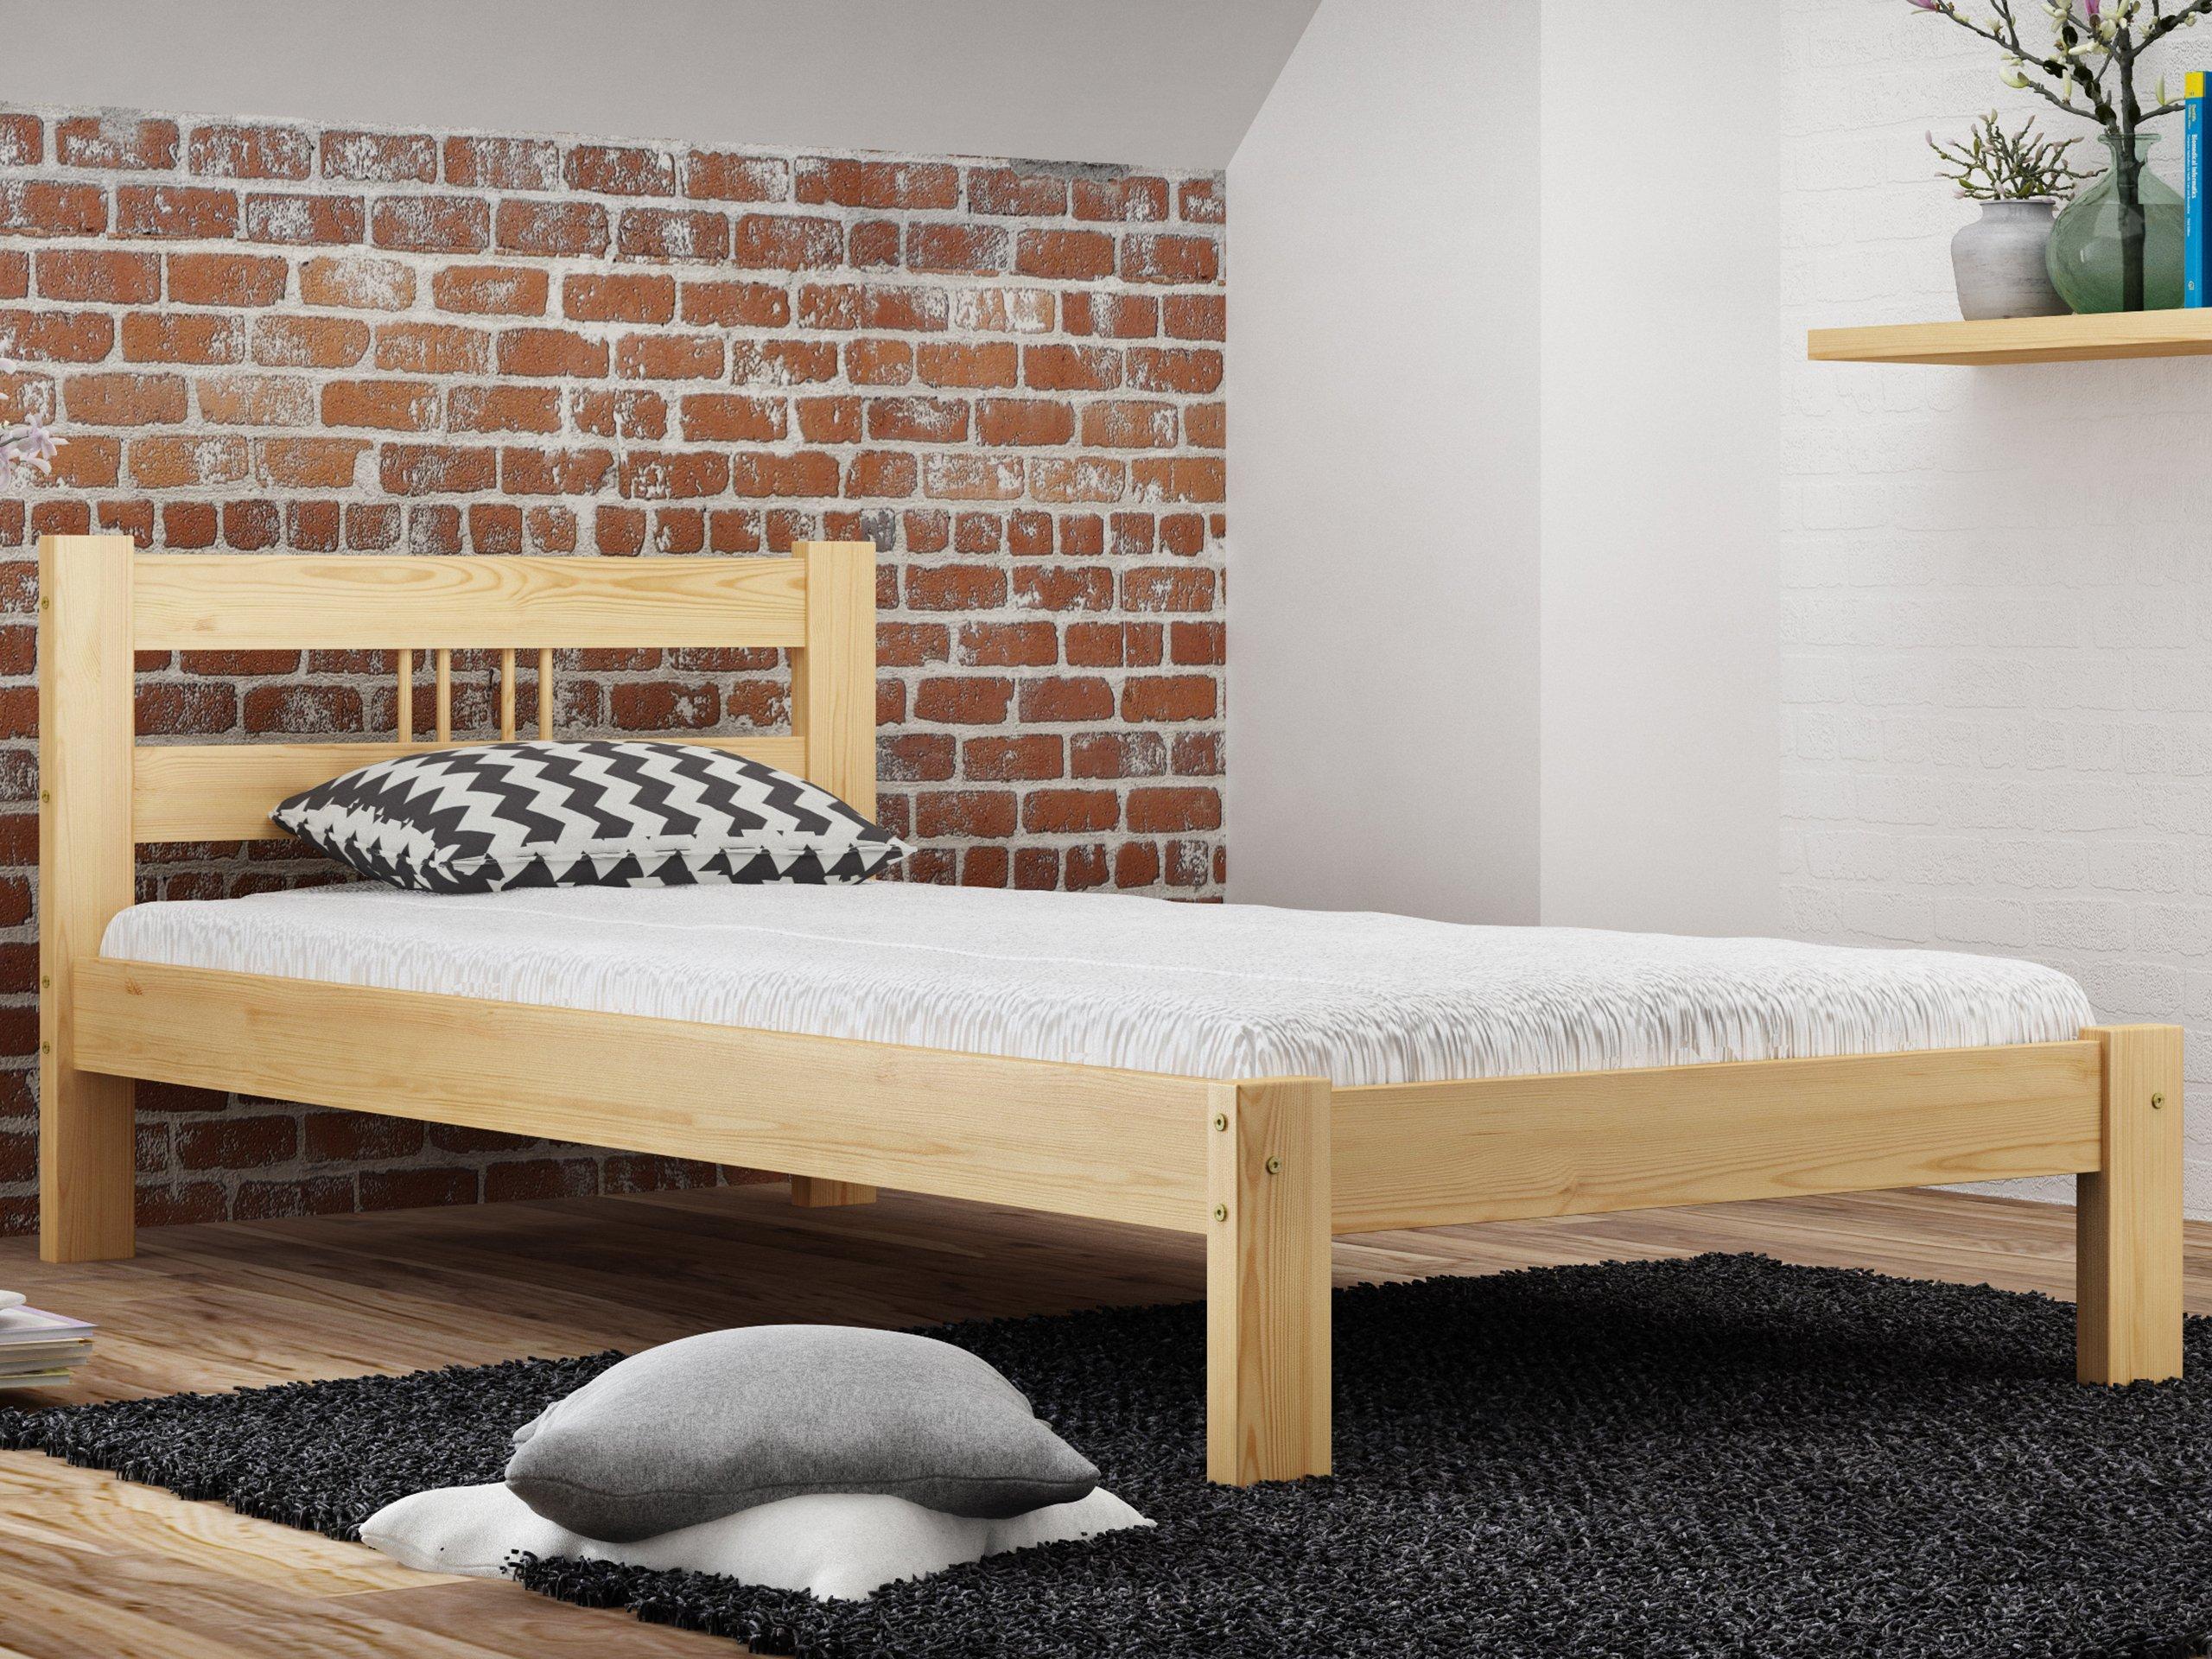 łóżko 90x200 Drewniane Masywne Wysoki Zagłówek F3